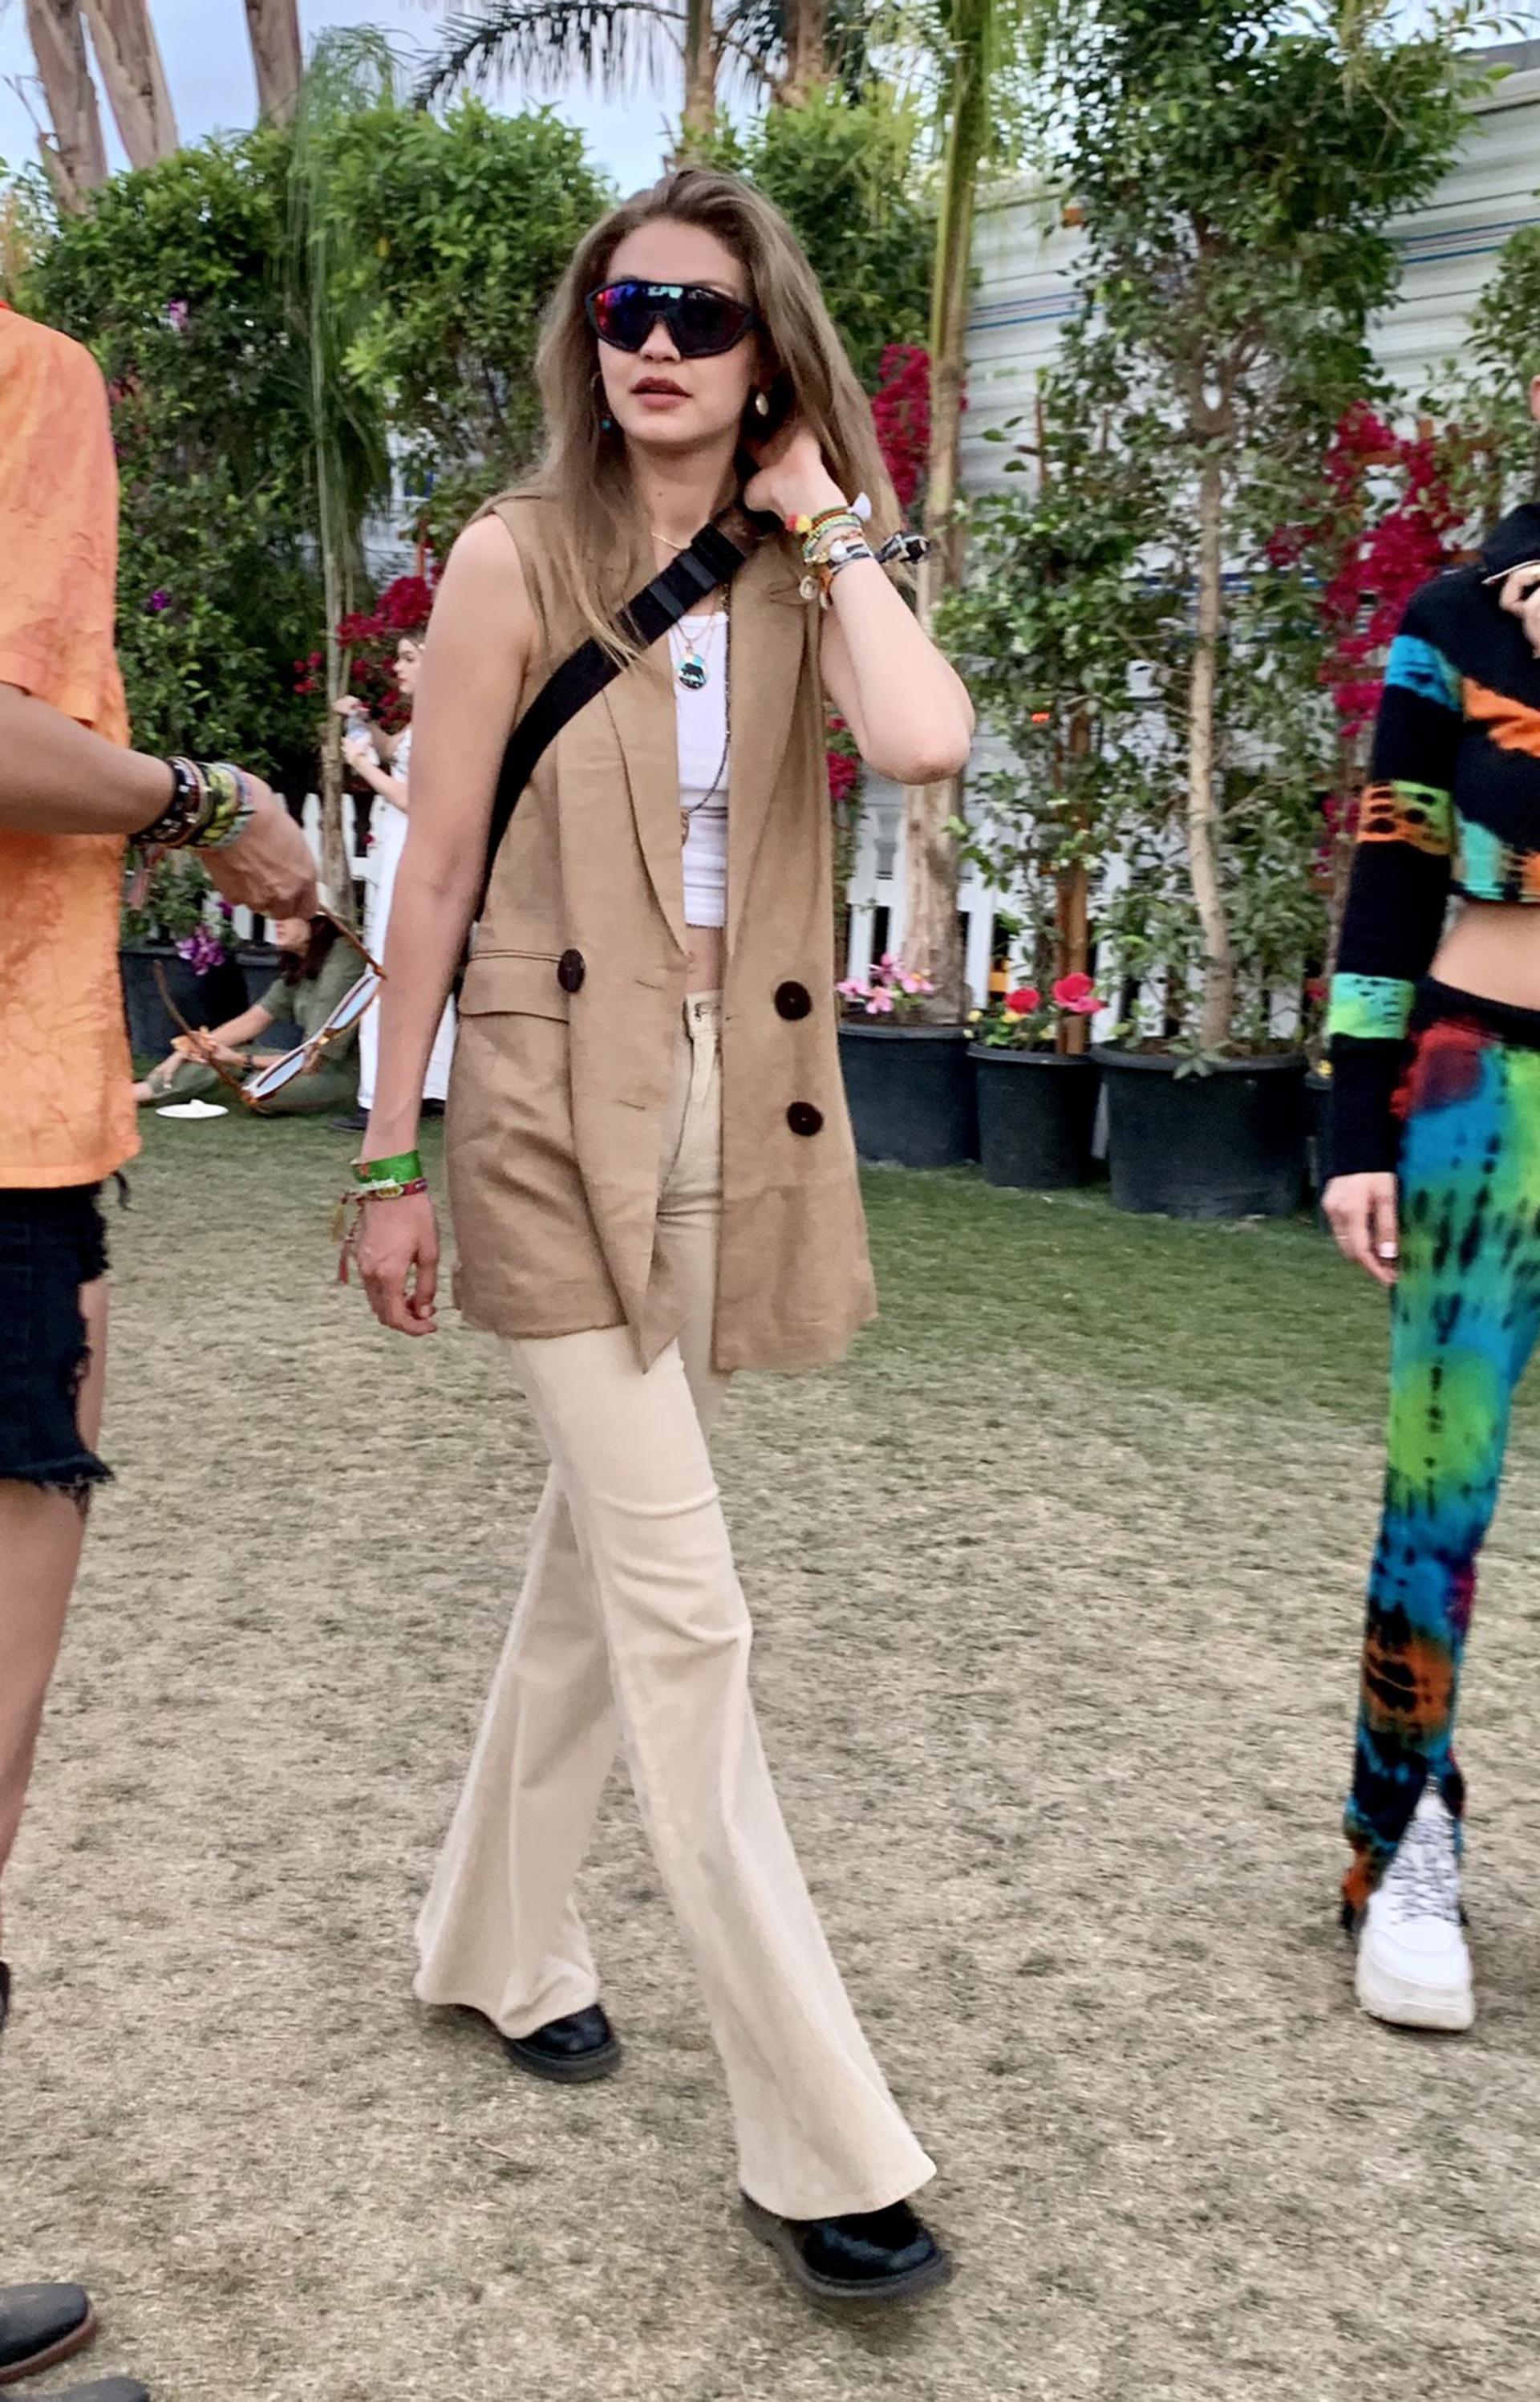 Gigi Hadid no se quiso perder el festival más top de California y apostó a un look más safari. Un chaleco de gamuza con maxi botones en marrón, un top blanco y pantalones de gabardina. Completó su look con pulseras de hilo y anteojosXL tornasol espejados